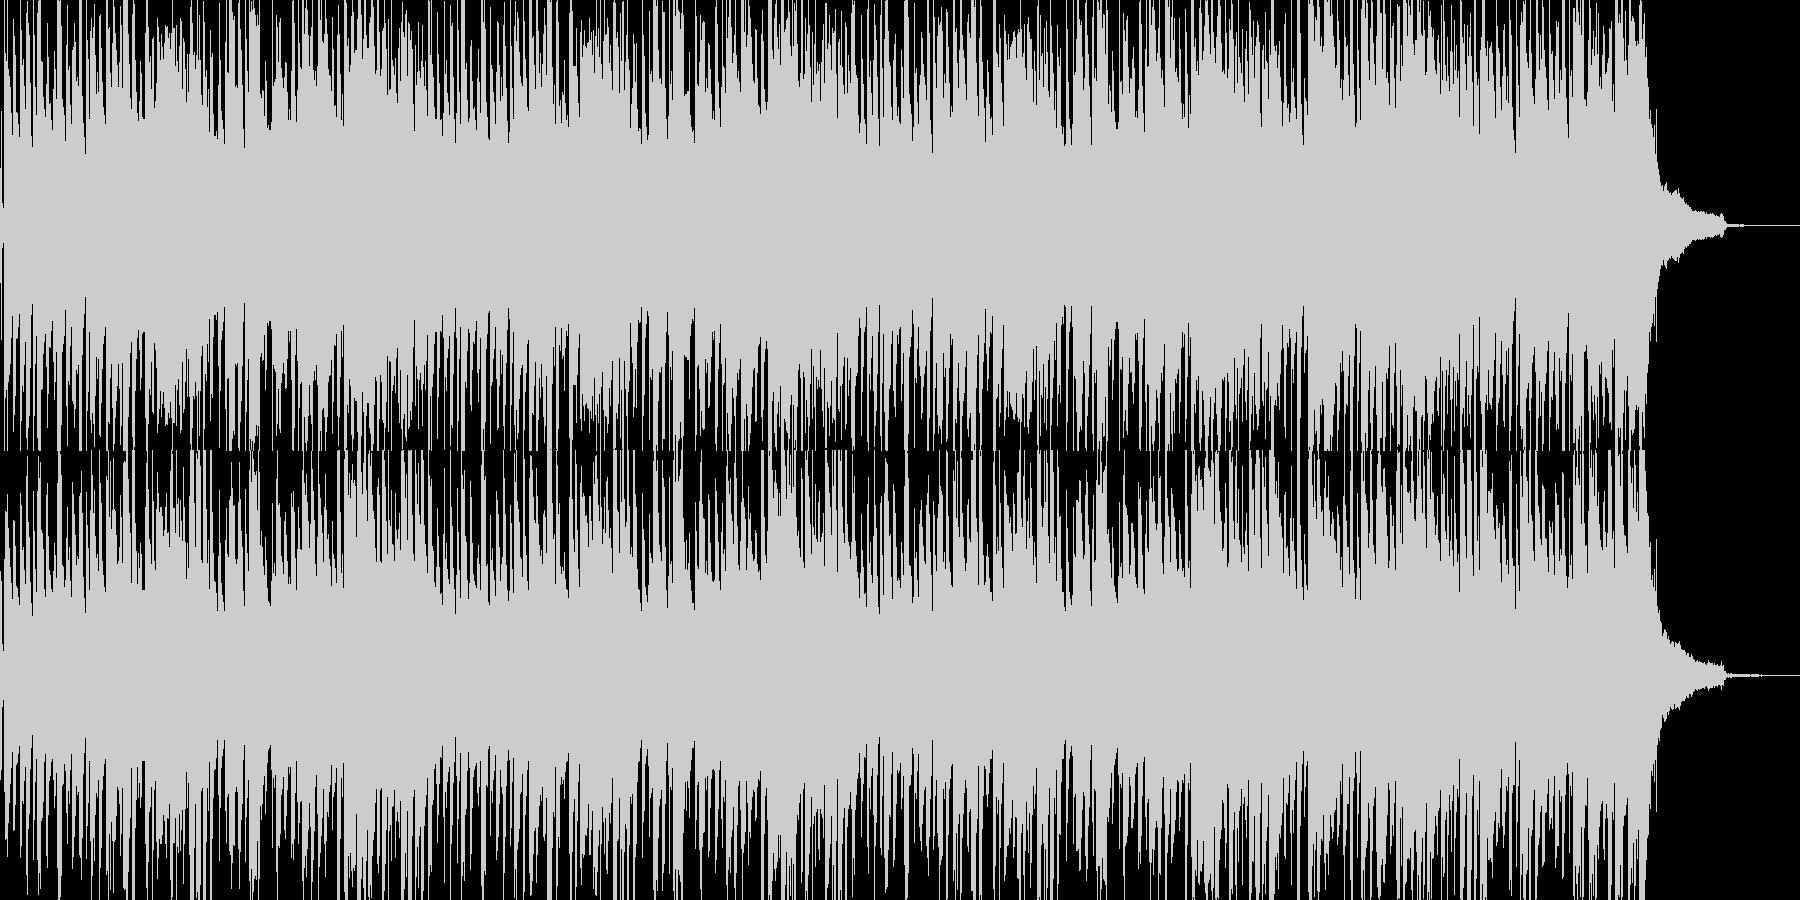 シンプルなピアノトリオ・ジャズのBGMの未再生の波形